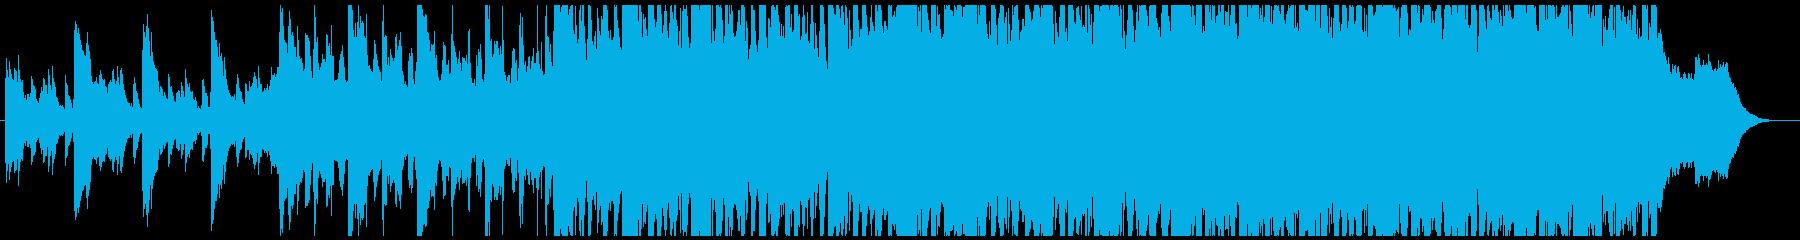 環境にやさしい事業紹介のCM曲-60秒の再生済みの波形